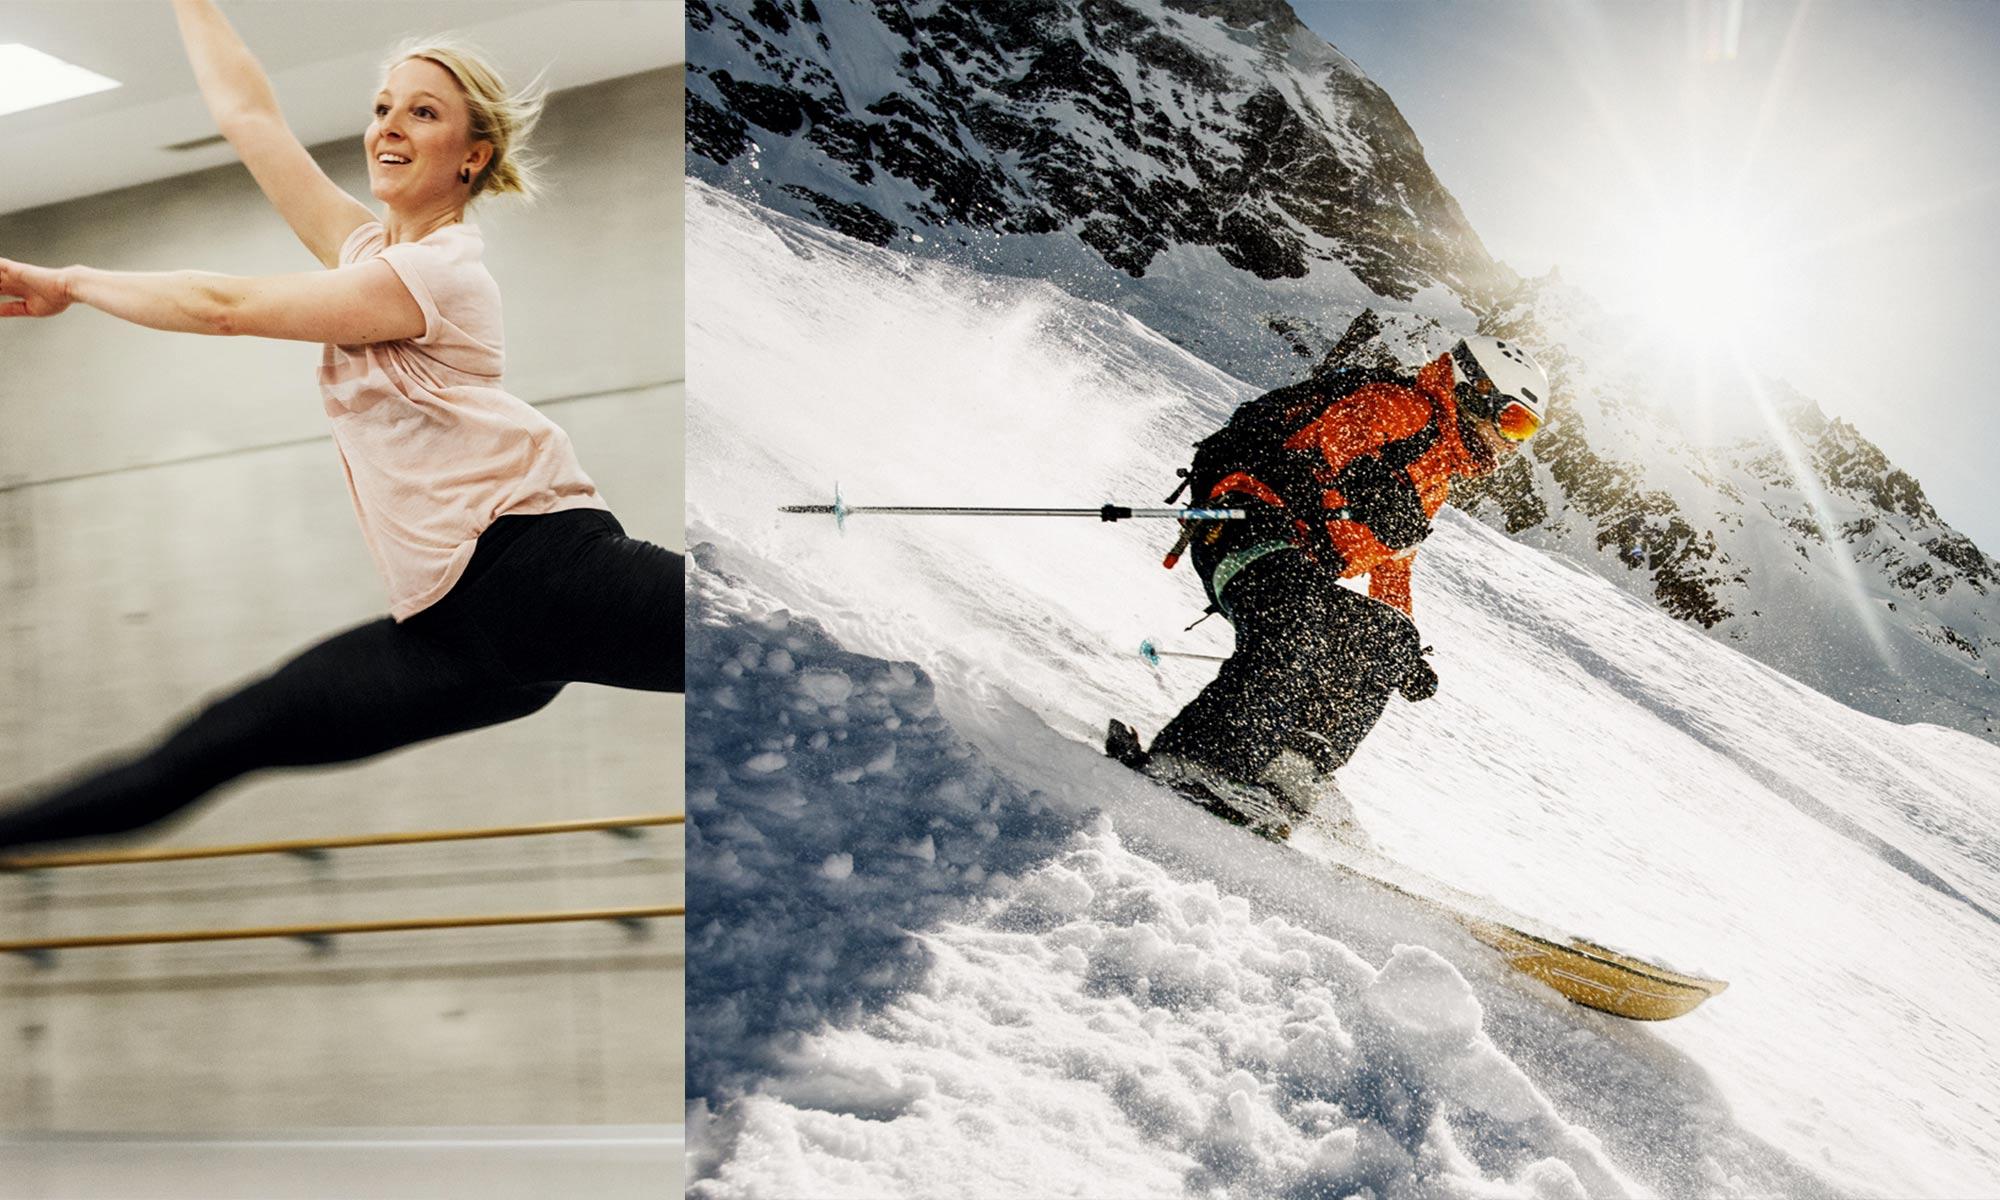 Stephanie Schelling en ski hors-piste dans le Valais